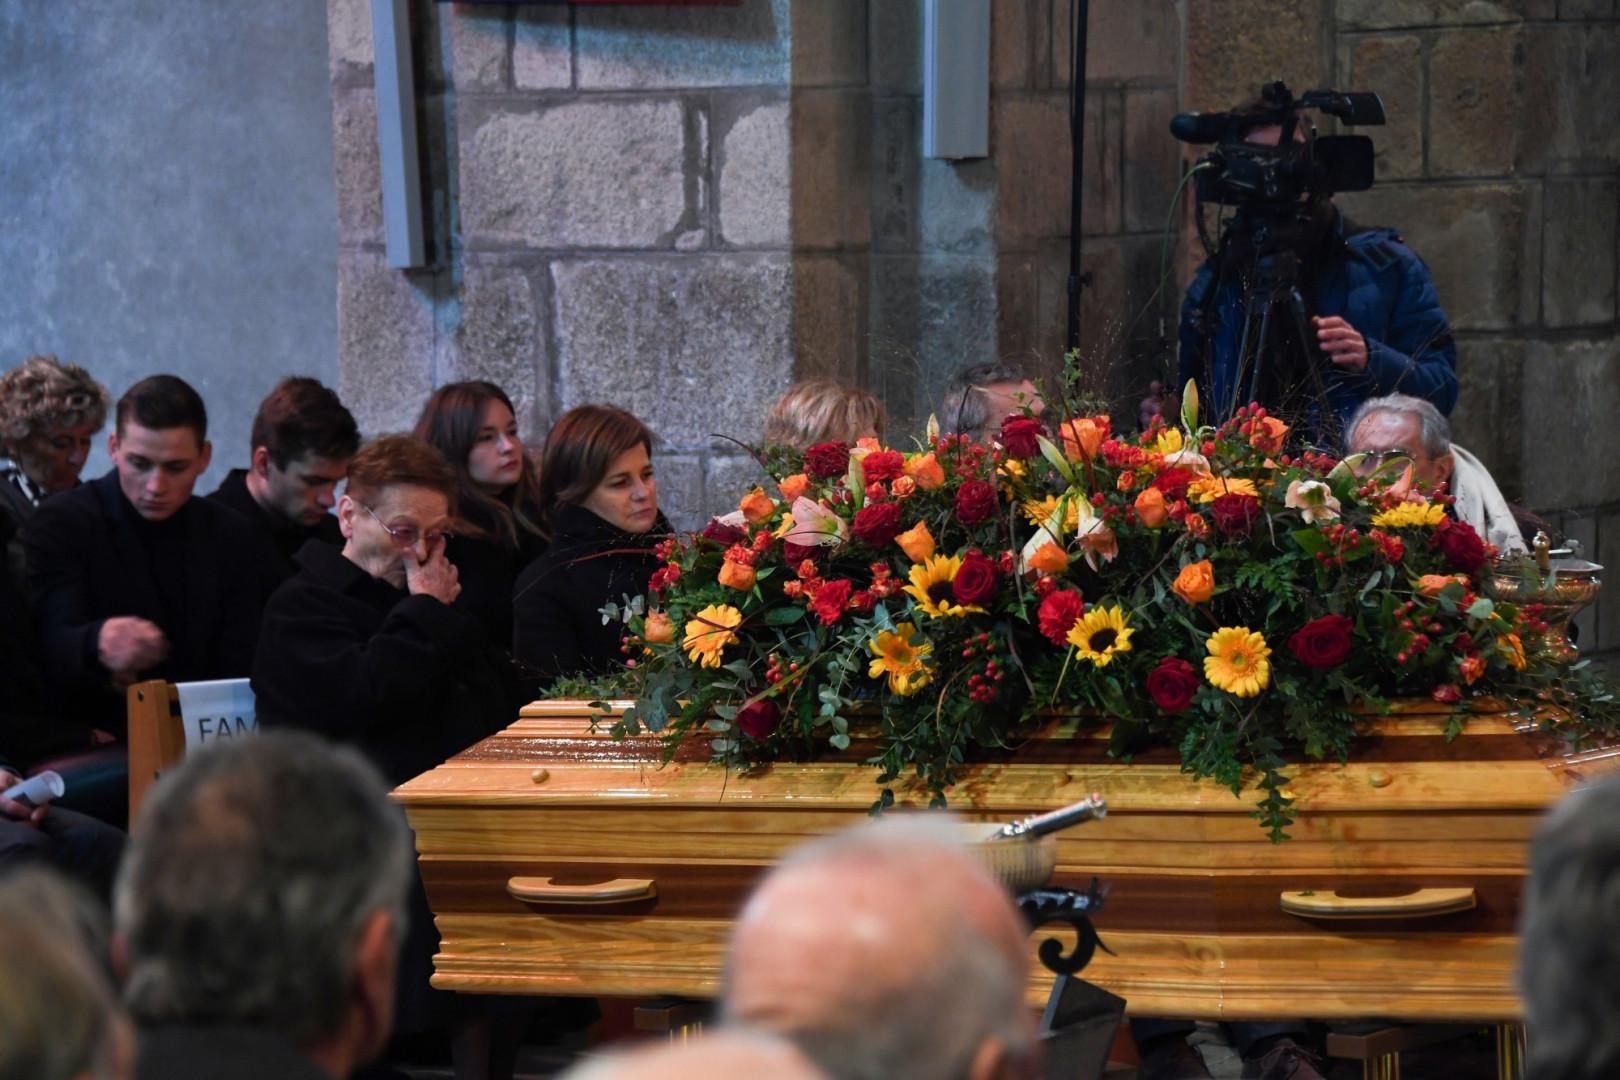 Le cercueil de Raymond Poulidor est amené dans l'église